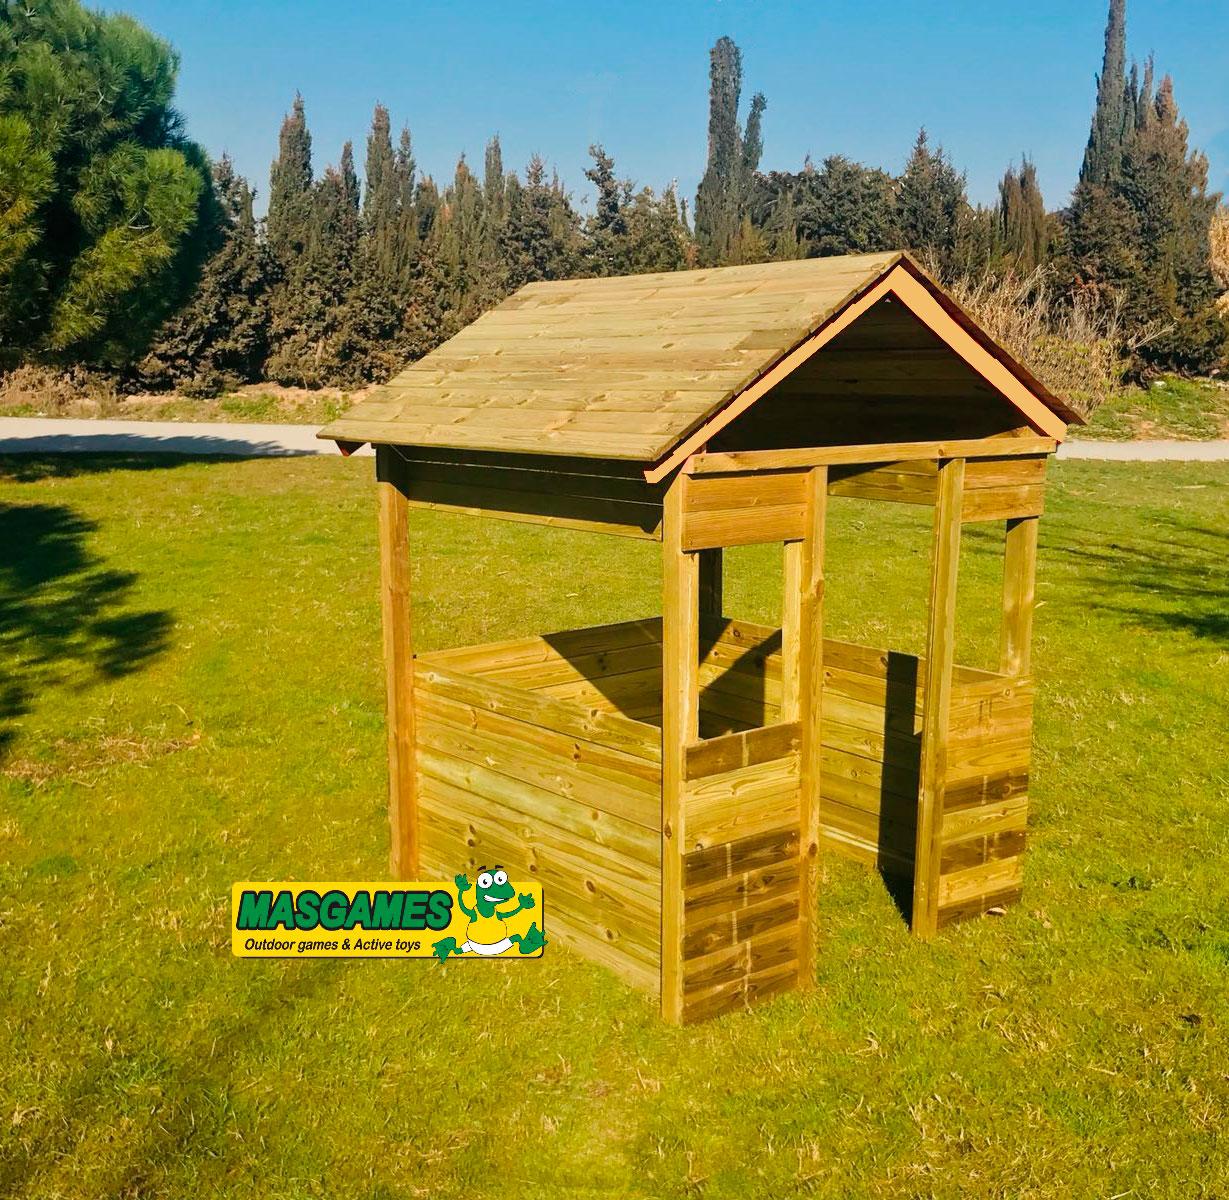 Casitas infantiles de madera para jardin inforchess for Casas madera ninos jardin